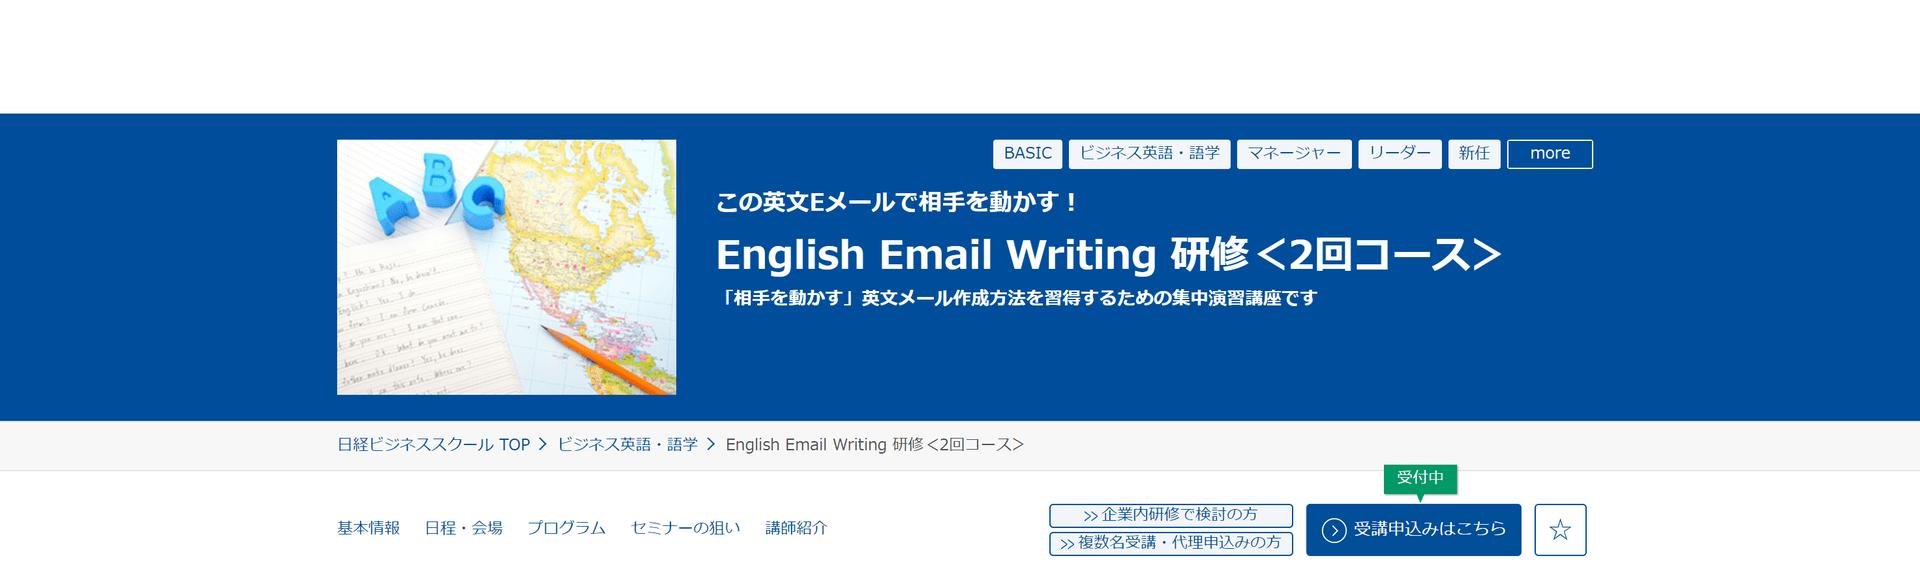 日経ビジネススクール  English Email Writing